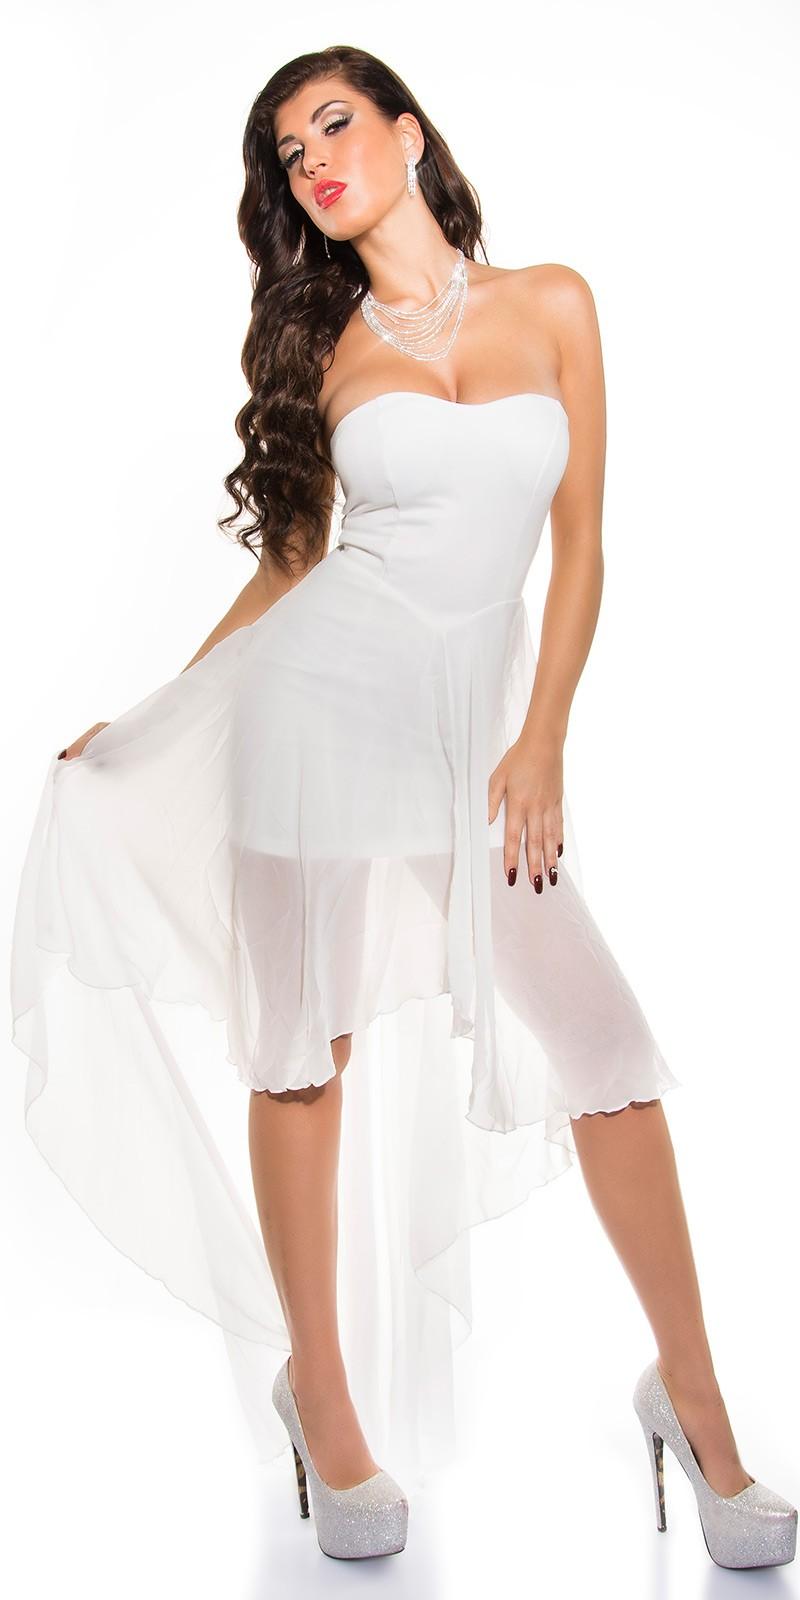 Muszlin szoknyás elöl rövid hátul hosszú női alkalmi ruha - fehér (S M 89b52f1ebf